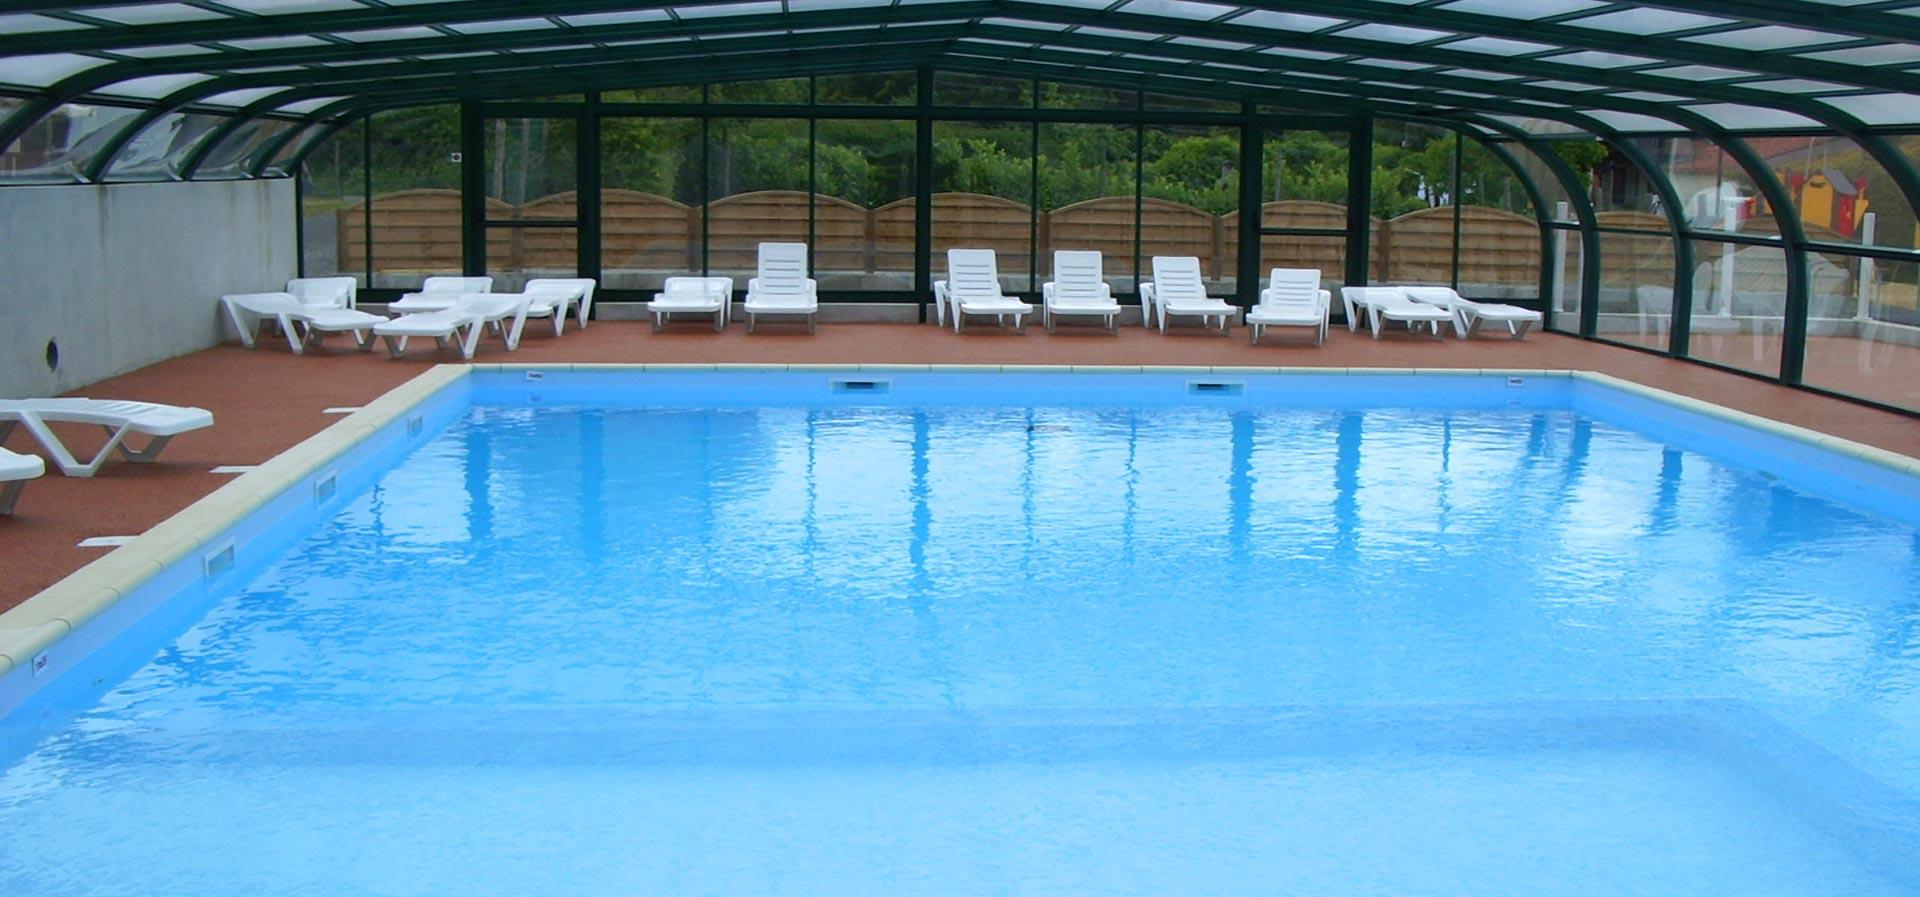 camping vendée piscine couverte et chauffée